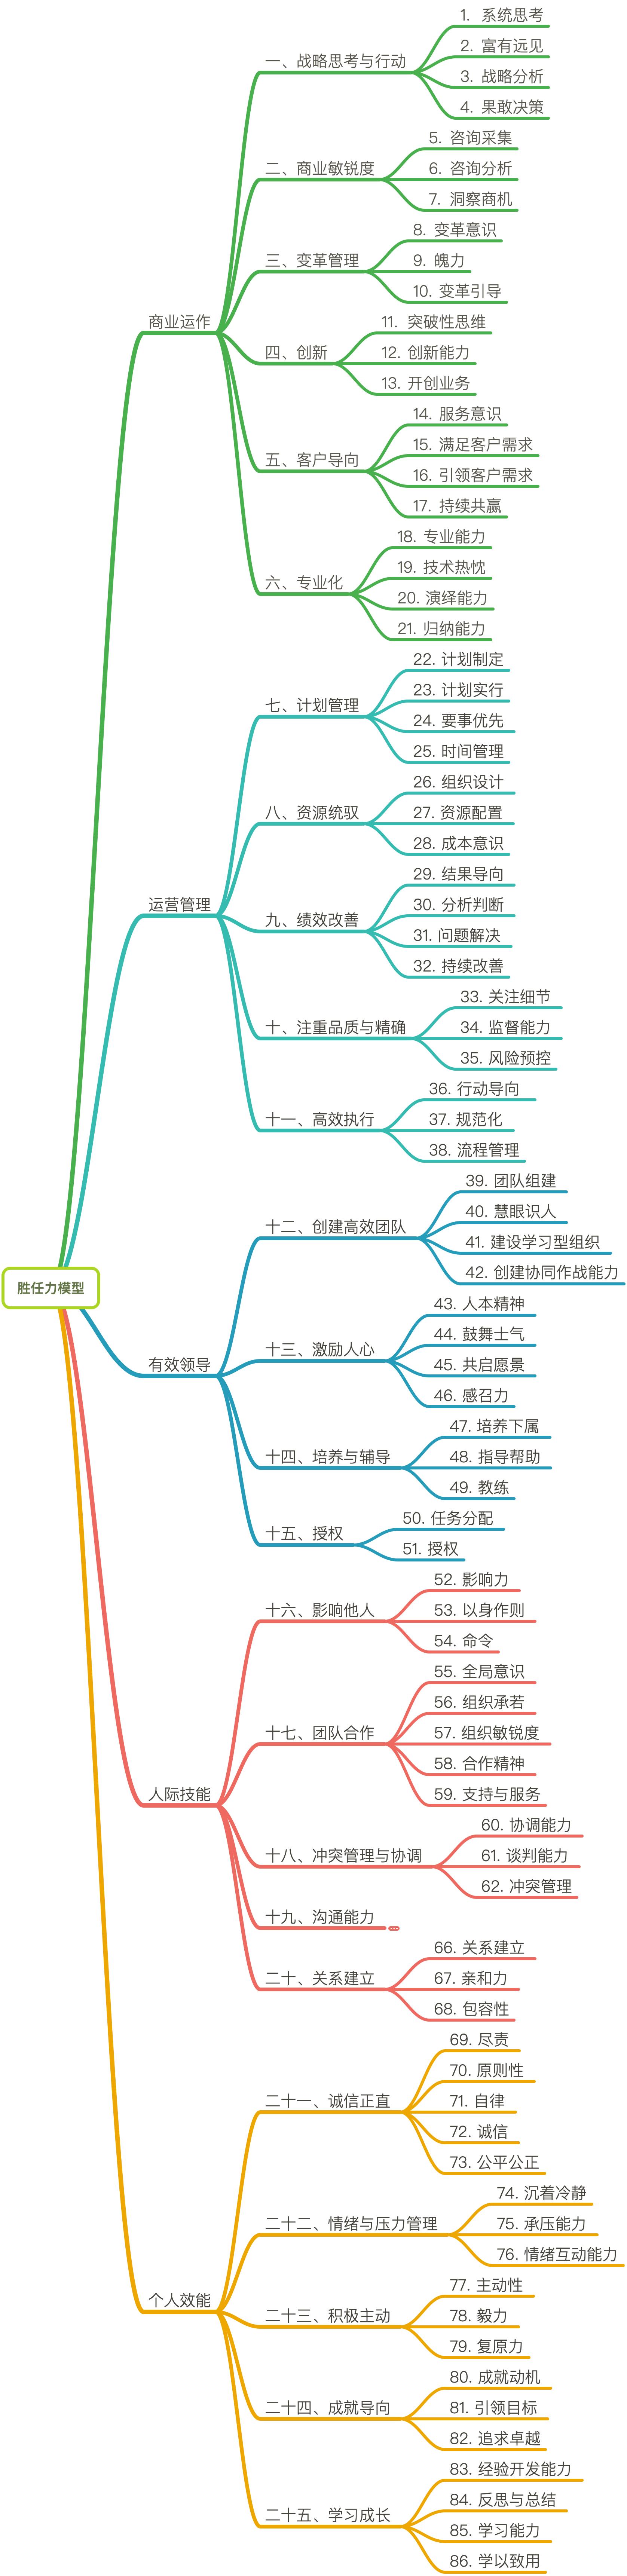 20190418-胜任力模型.png